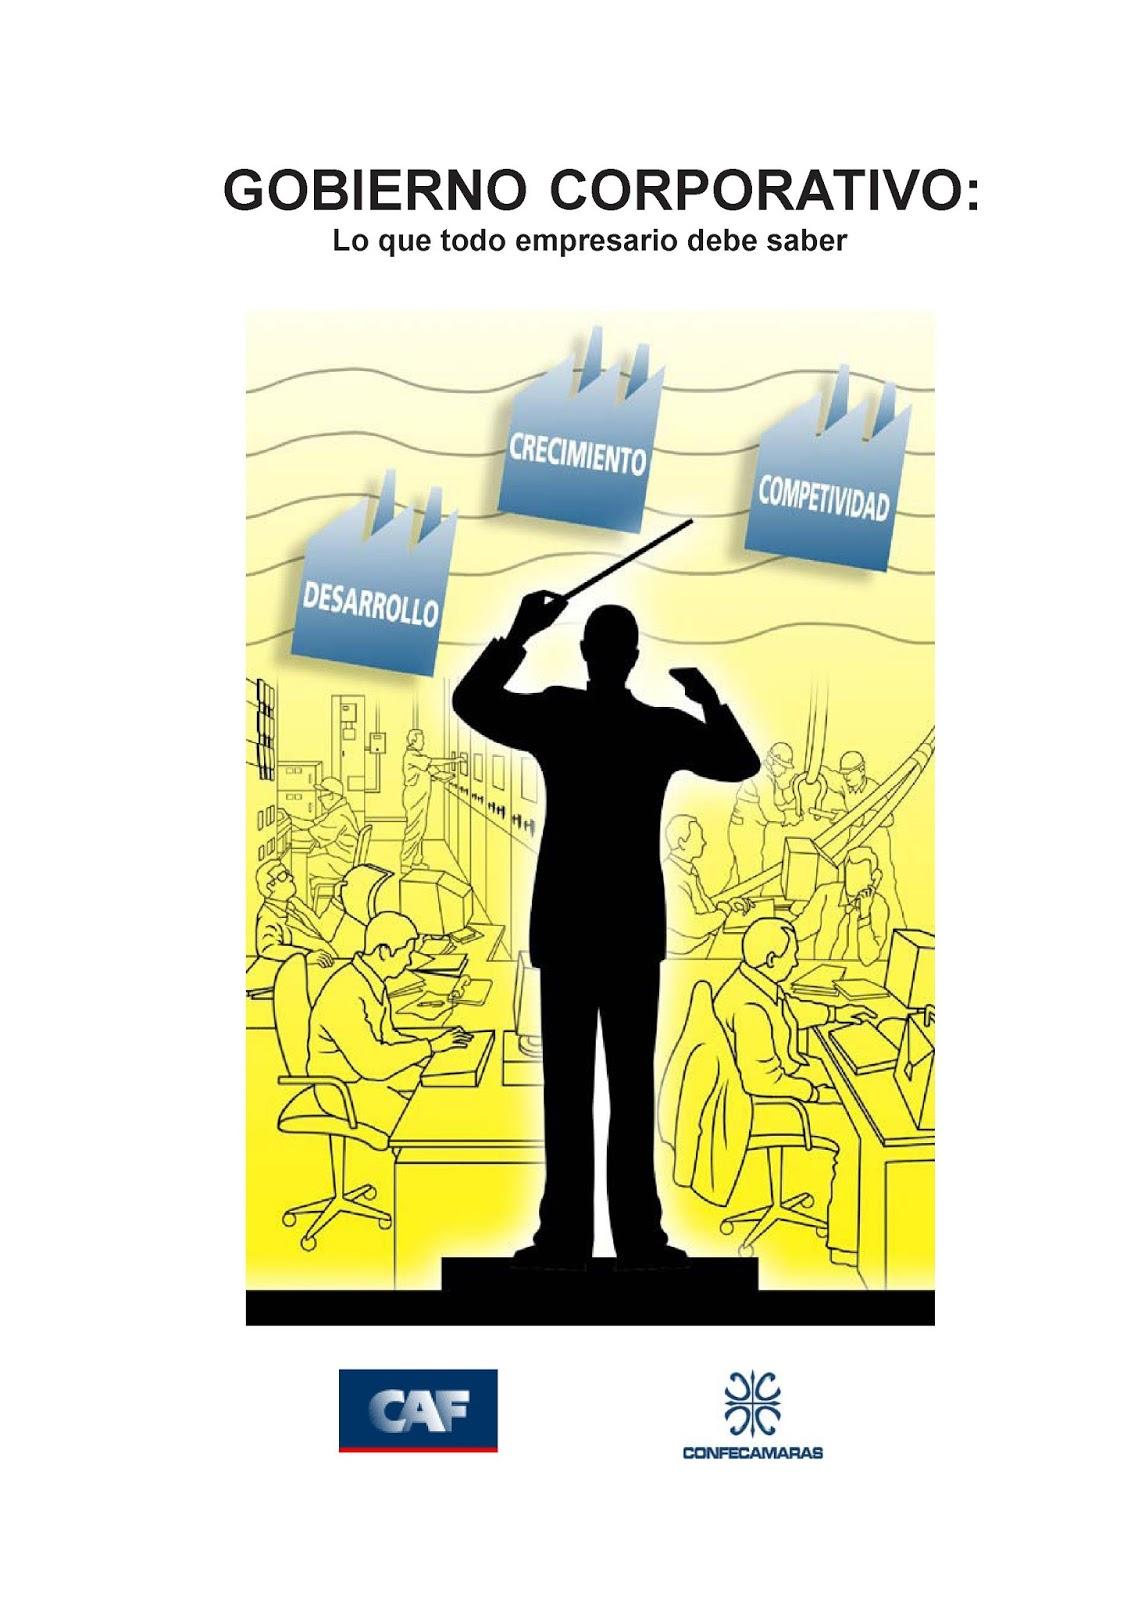 Gobierno corporativo: Lo que todo empresario debe saber